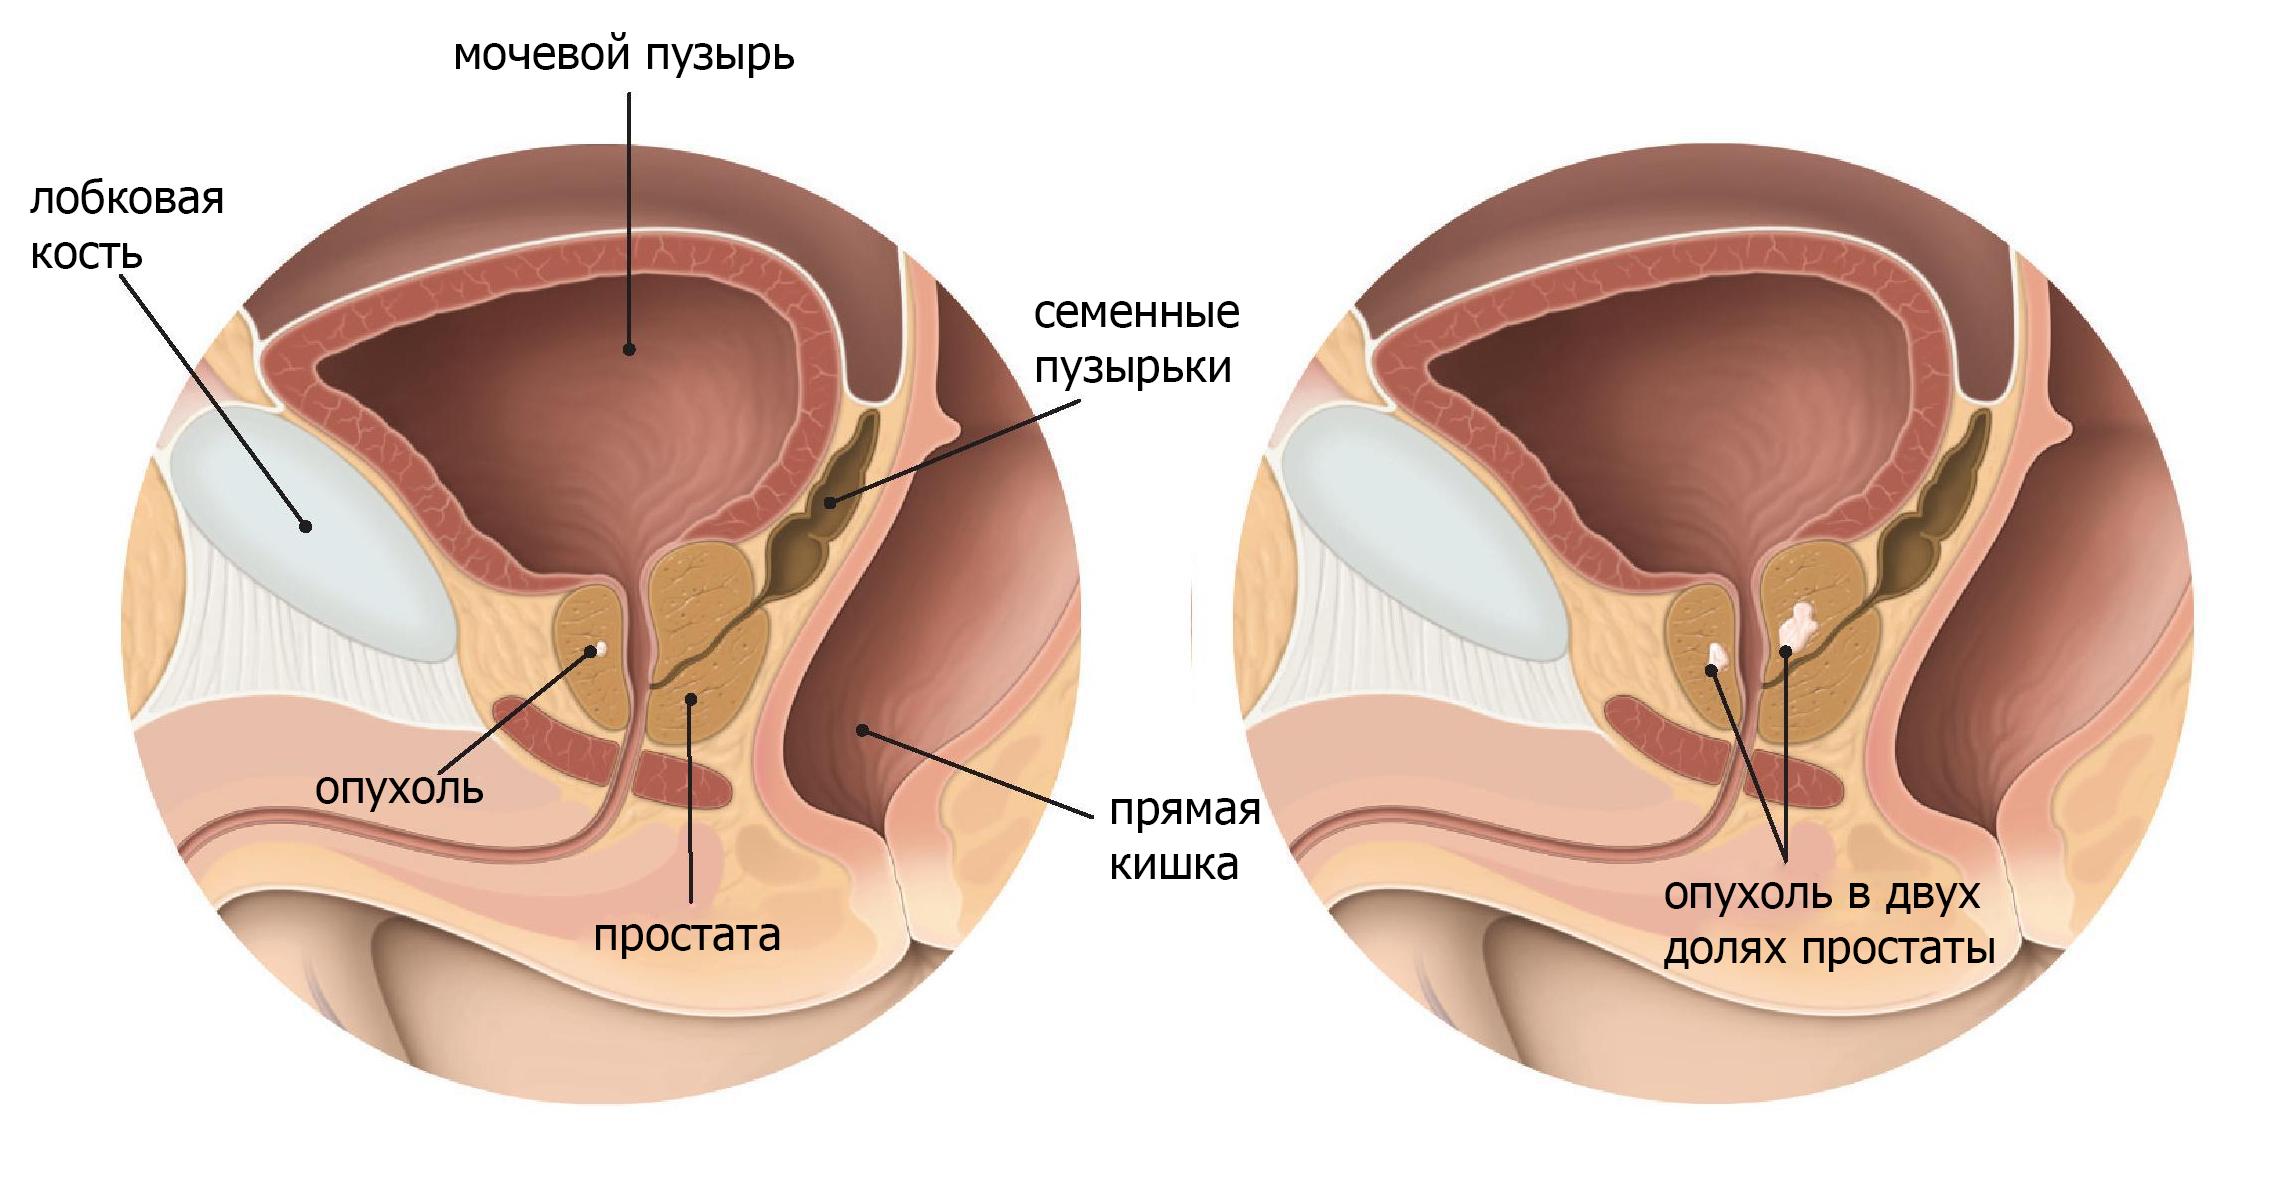 частые мочеиспускания у мужчин без боли лечение